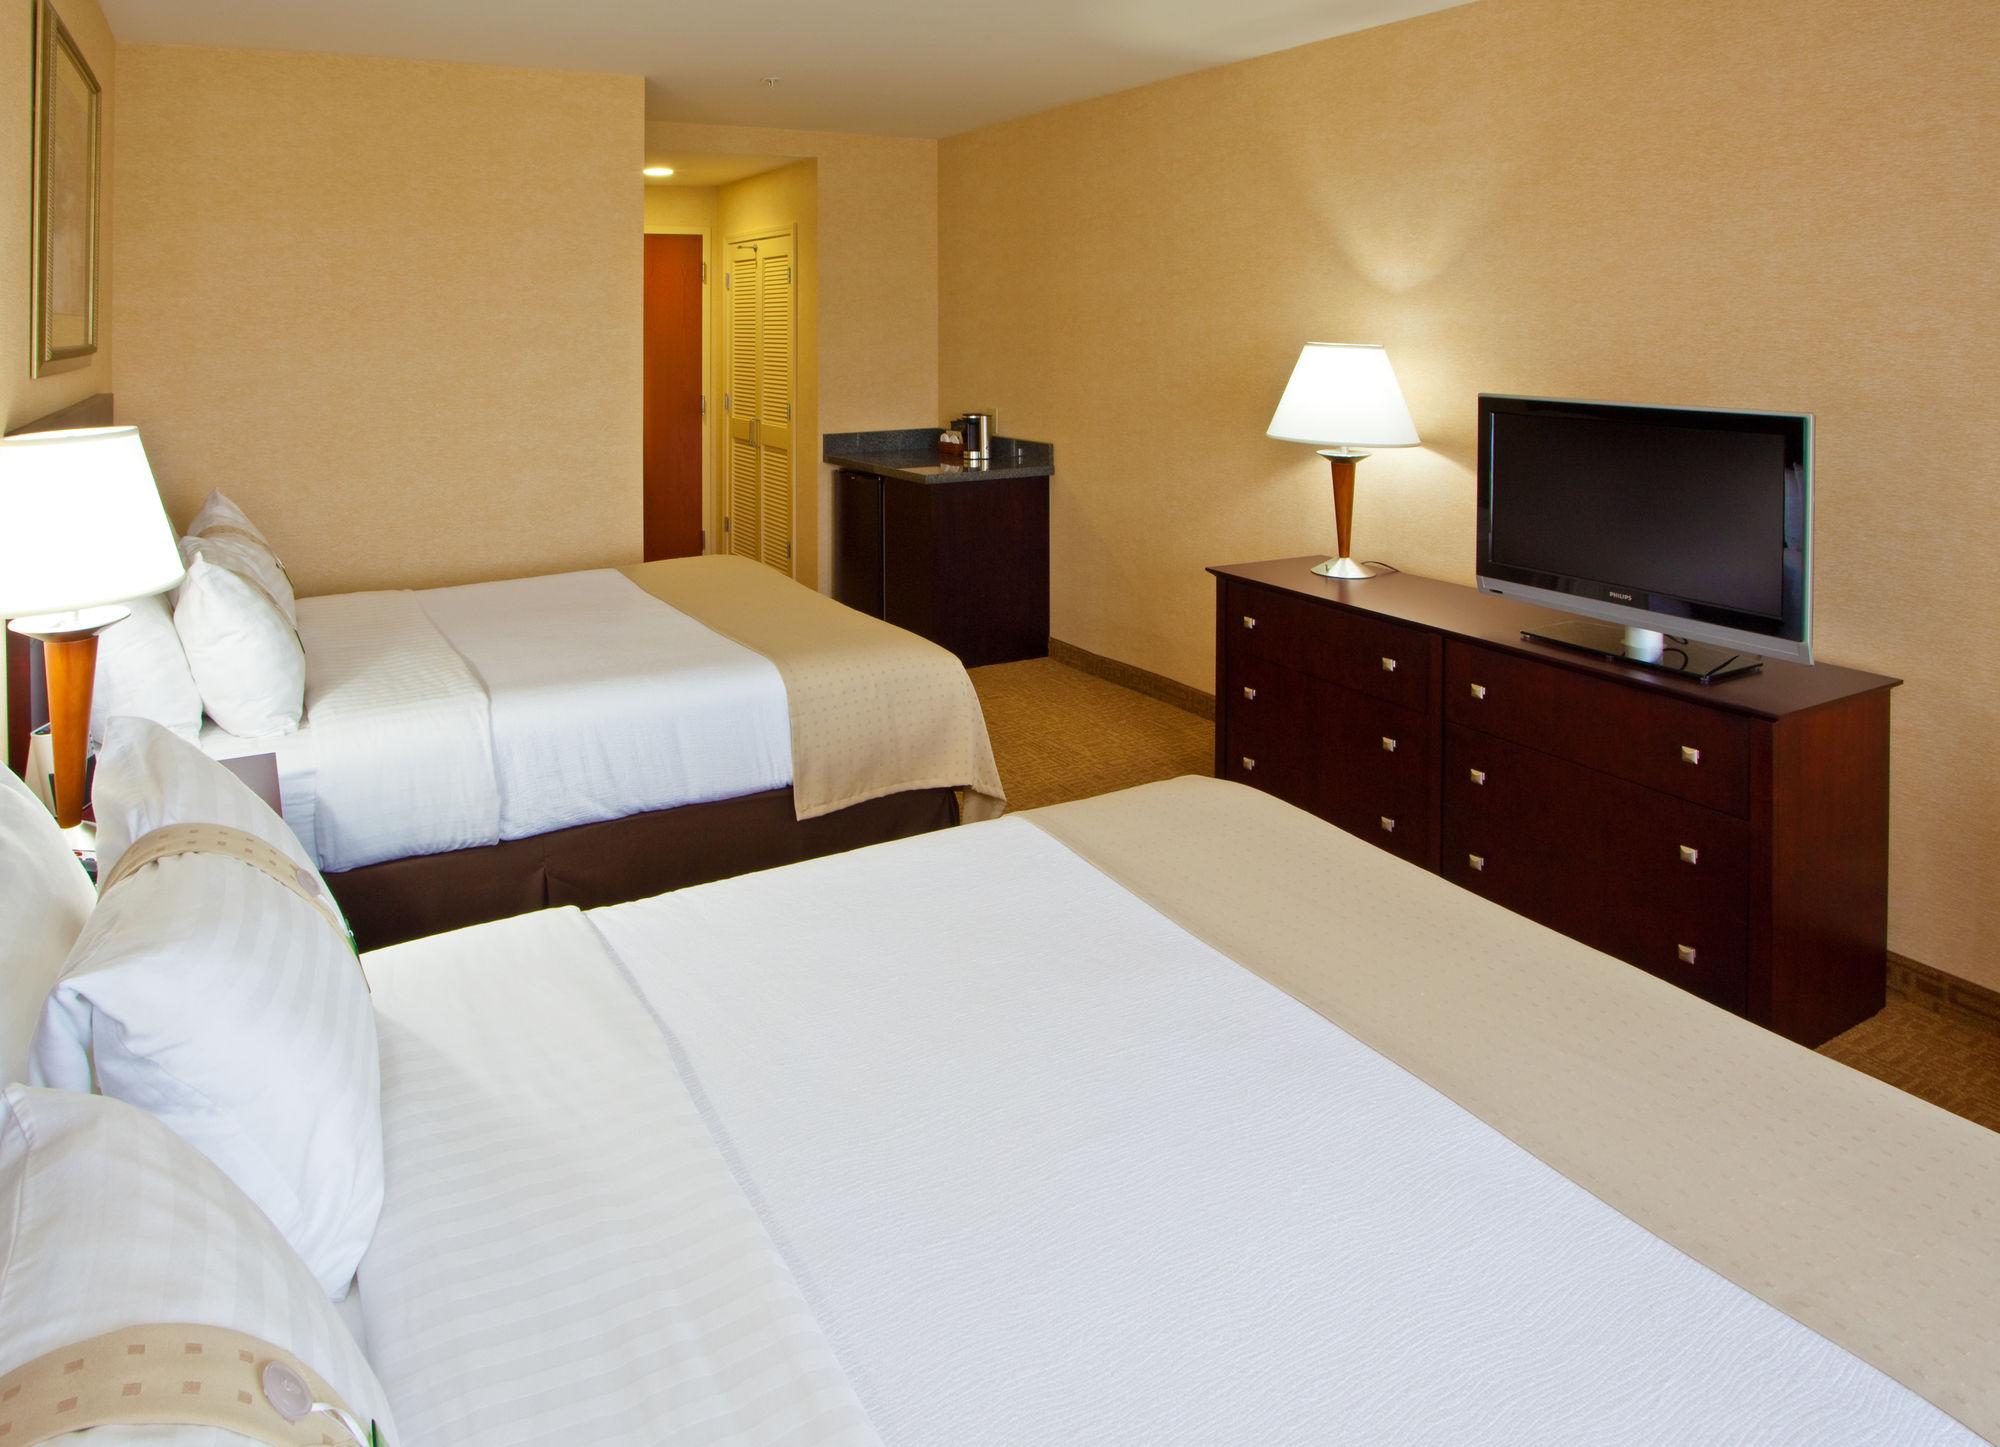 Holiday Inn in Winchester, VA